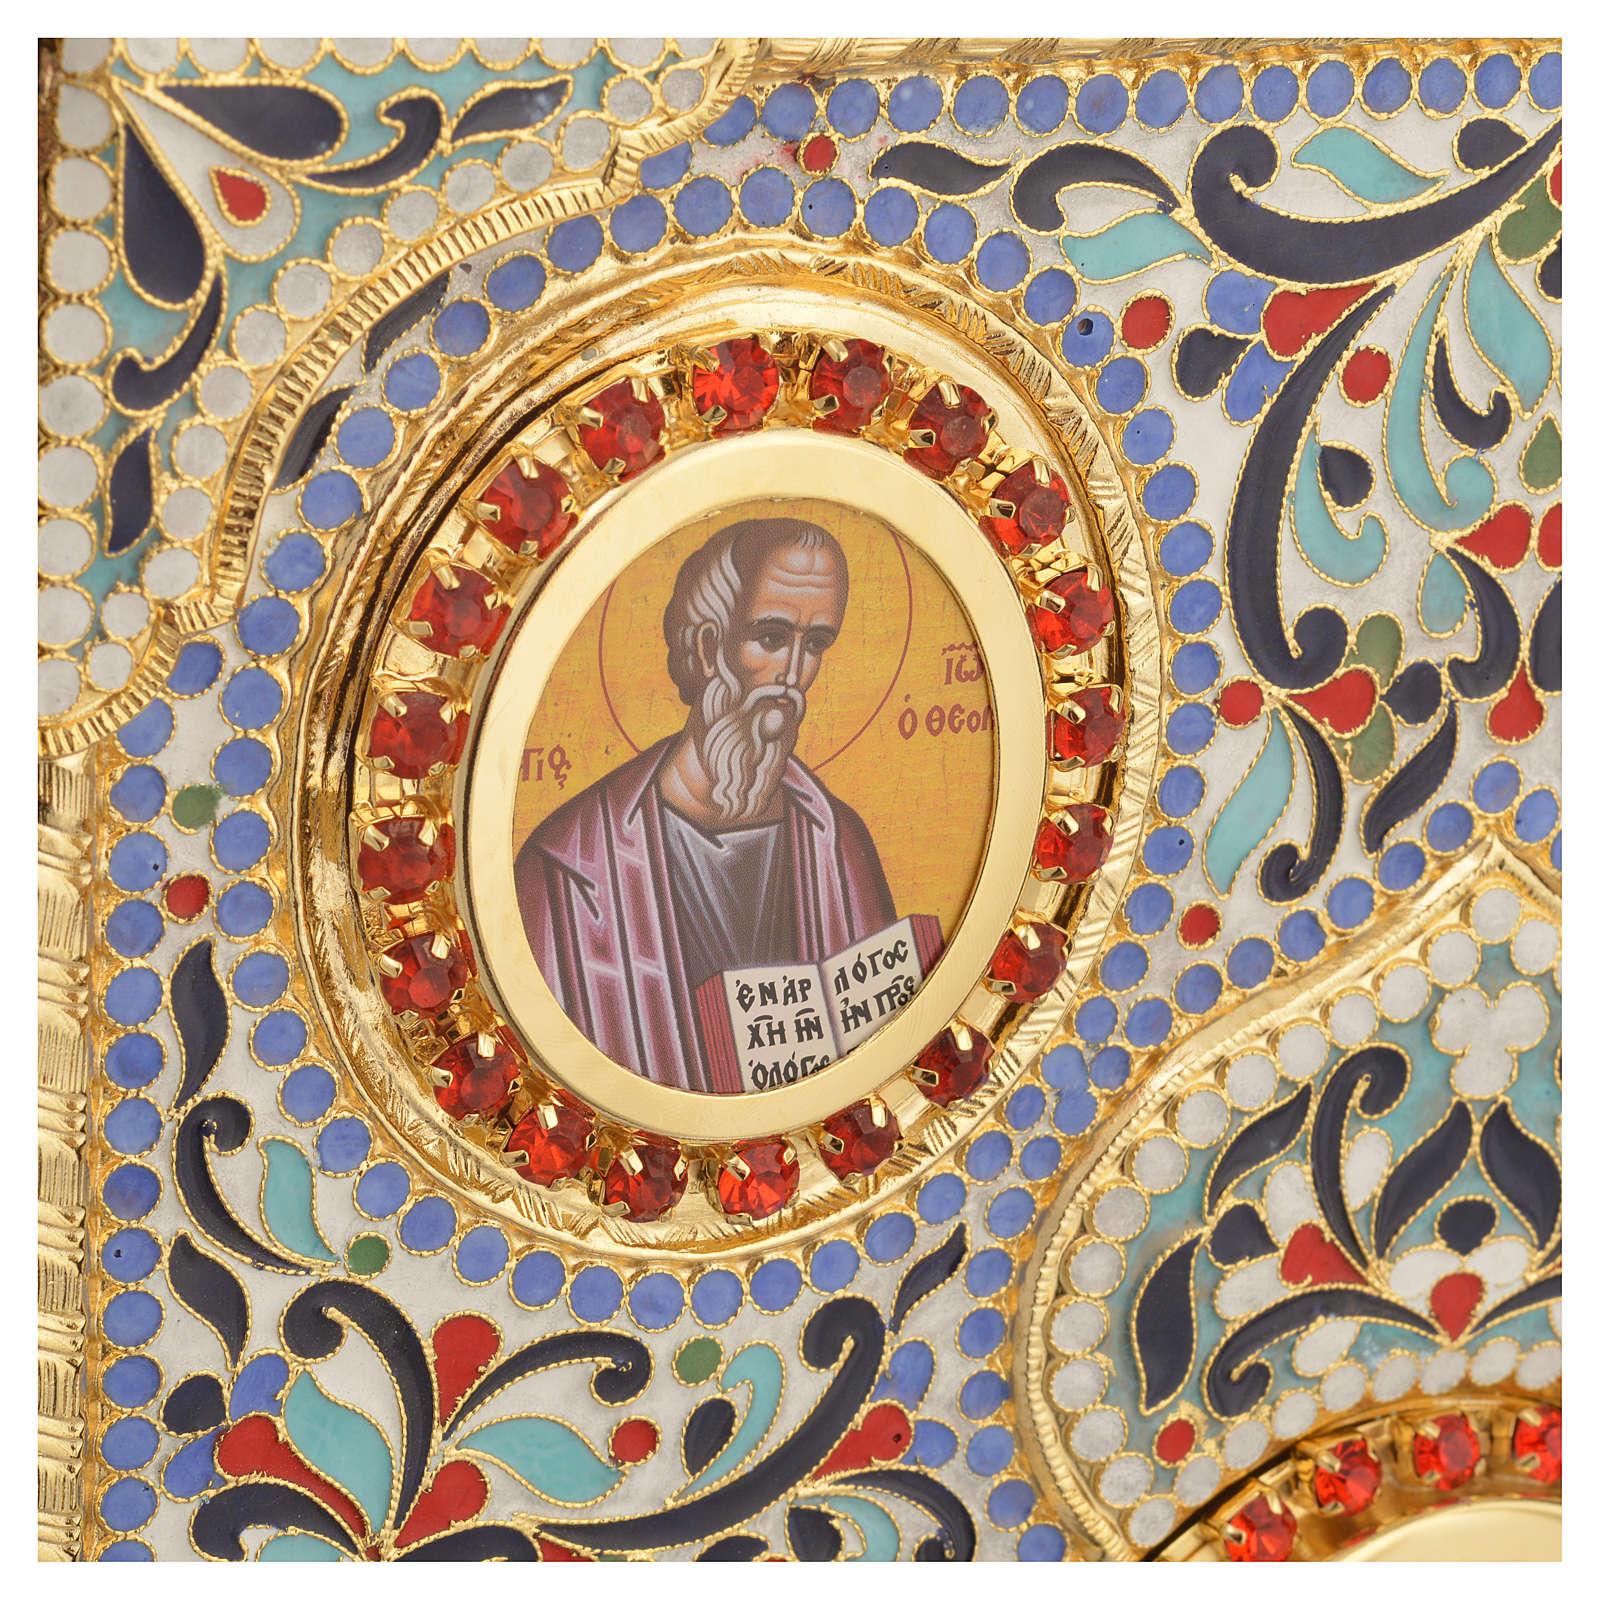 Coprilezionario ottone dorato con smalti Gesù Evangelisti 4